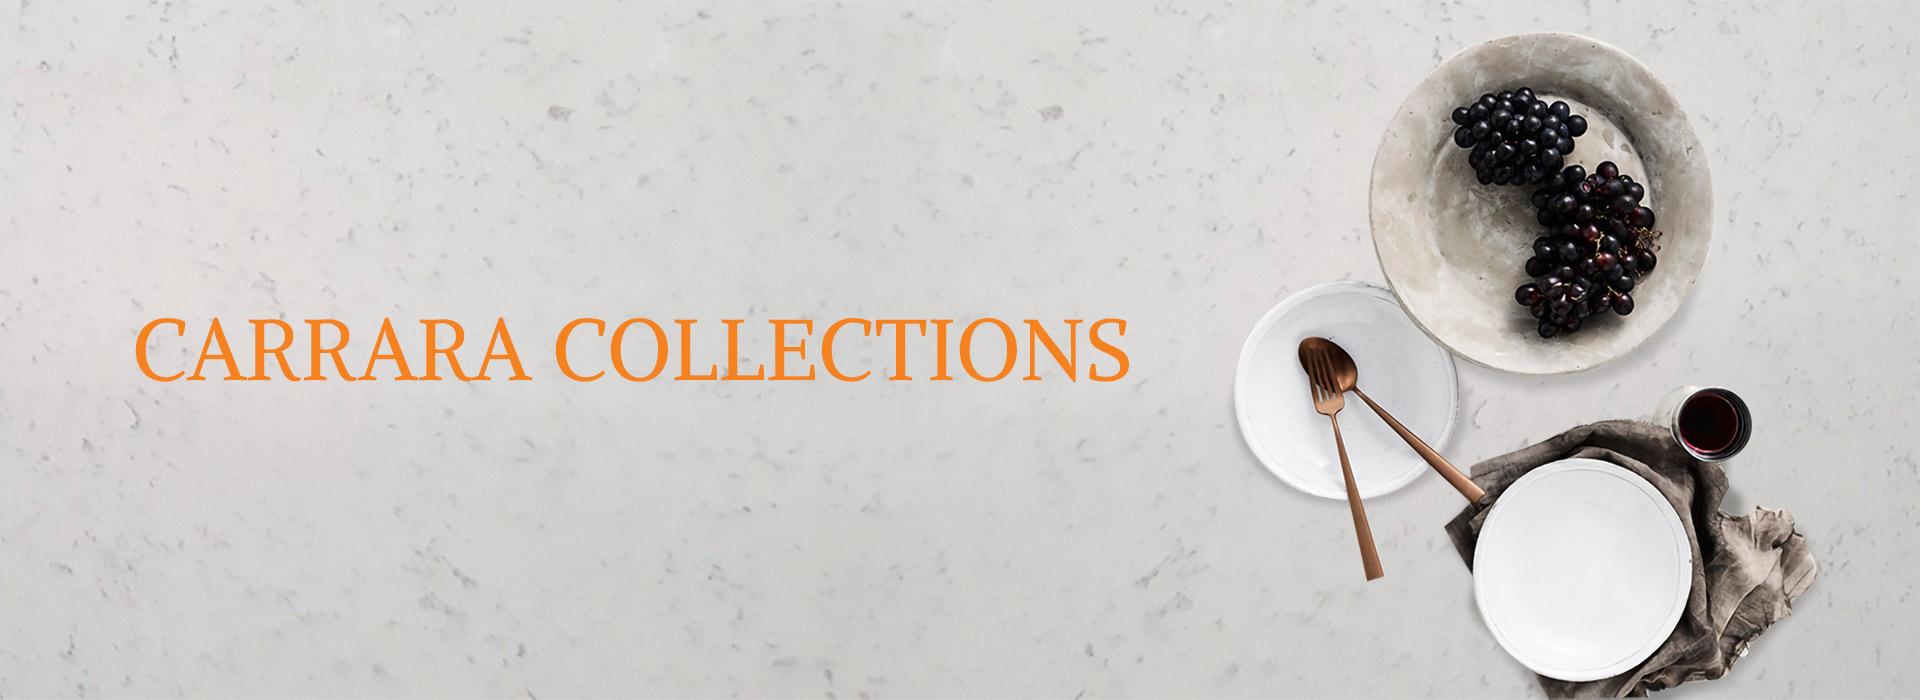 Carrara Colection